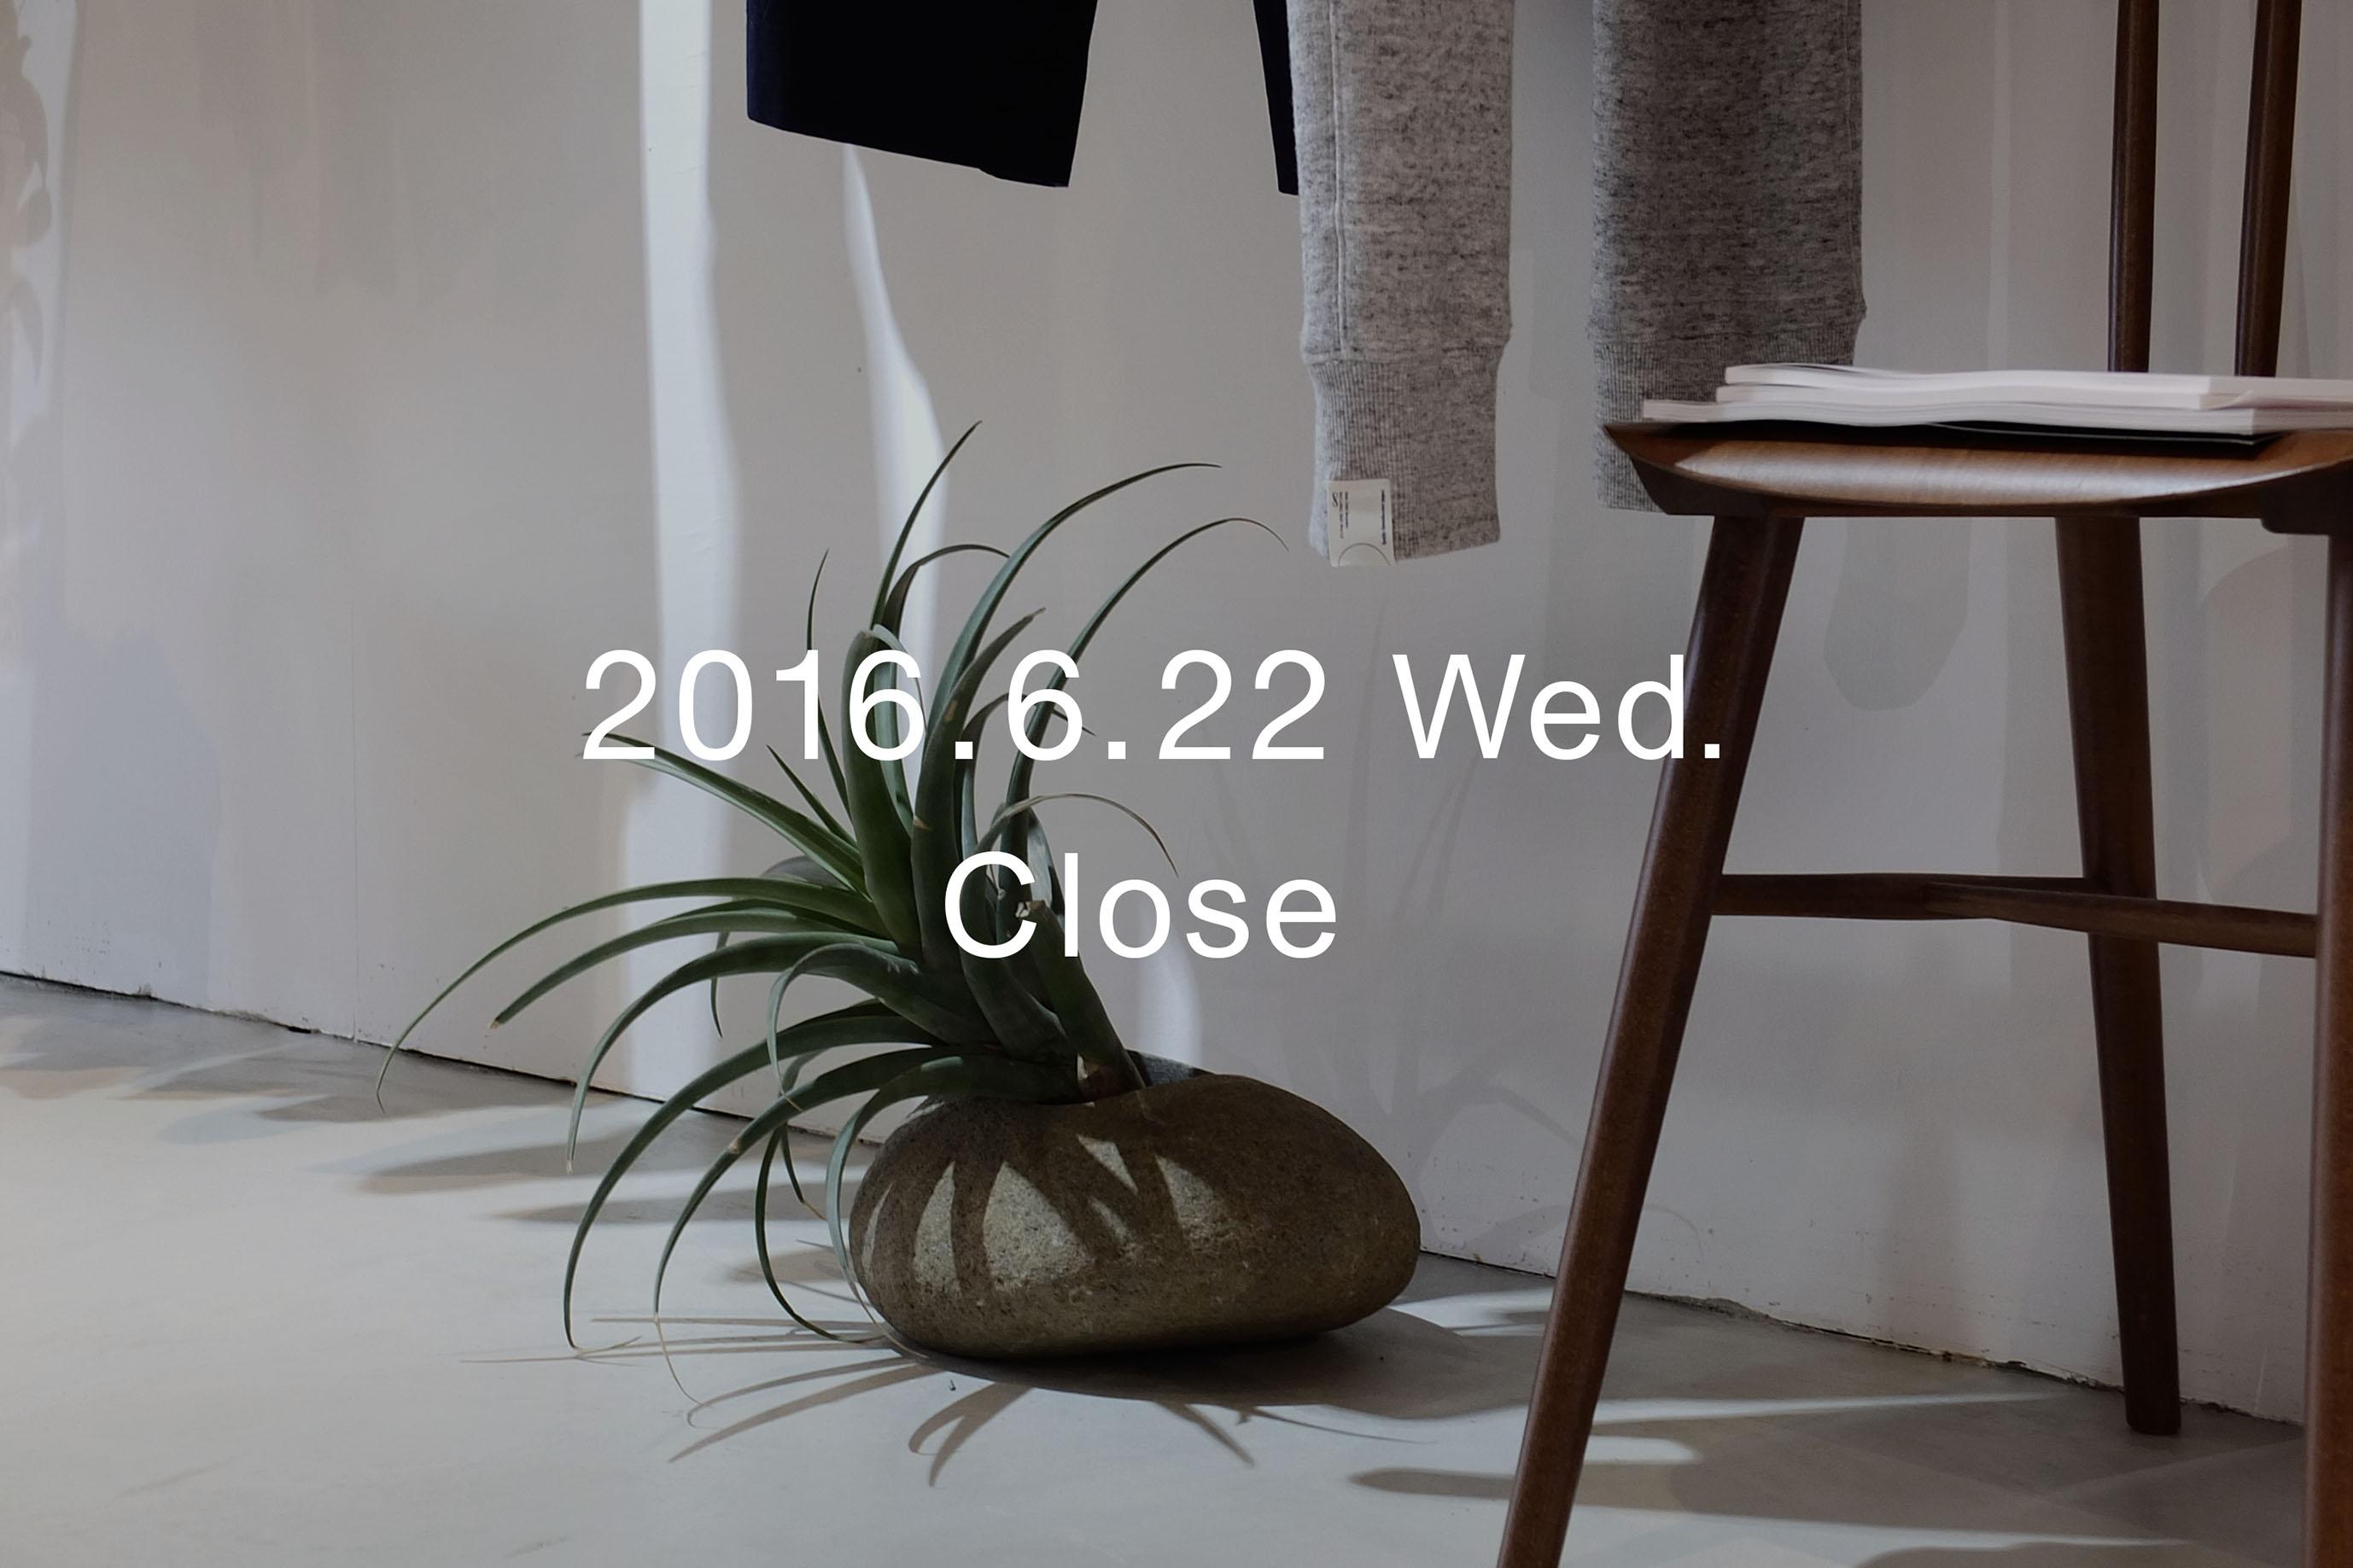 SS-Close_20160622